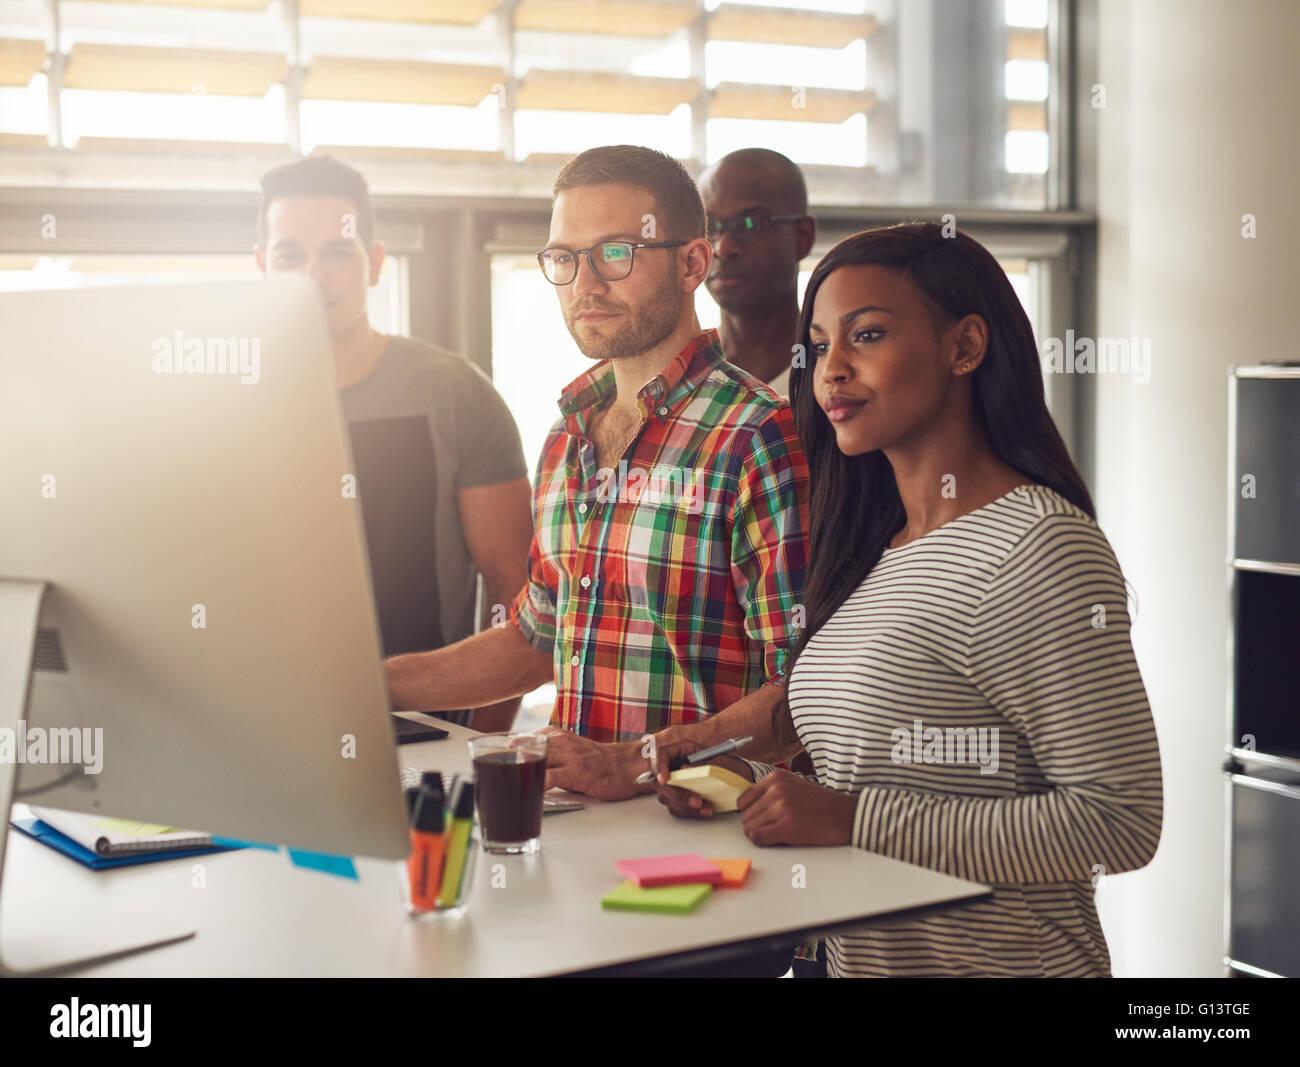 Groupe de quatre blancs et hispaniques, Noirs les entrepreneurs adultes portant des vêtements décontractés Photo Stock